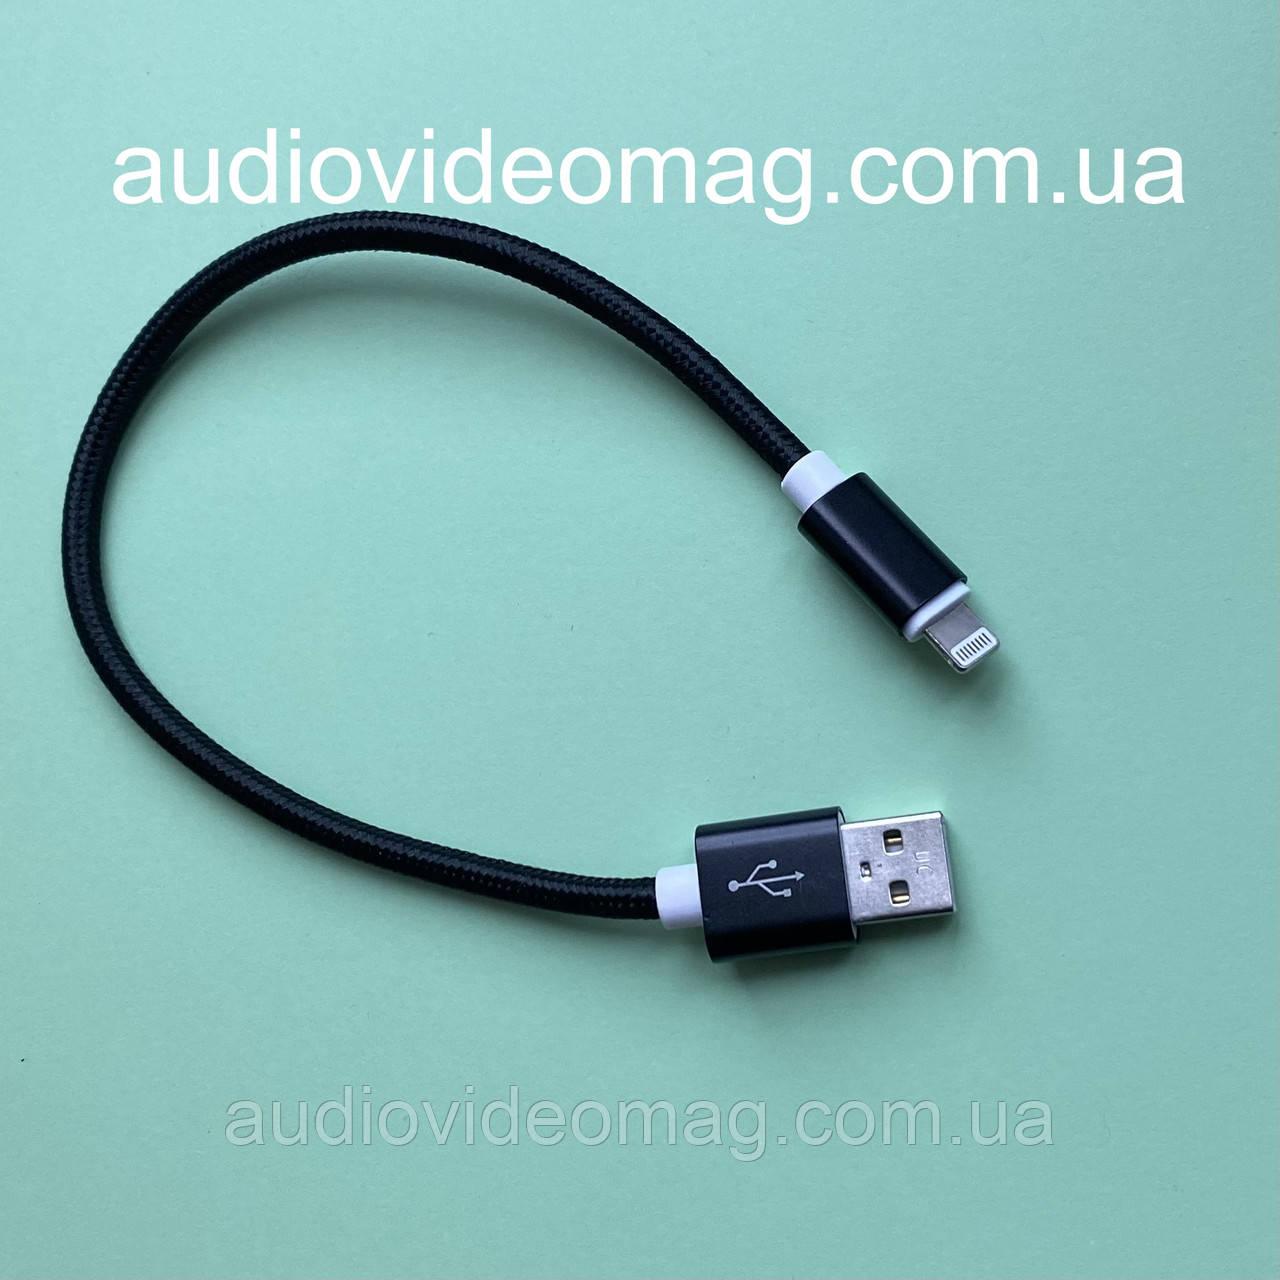 Кабель USB Lightning для Apple iPhone, длина 30 см, удобный для зарядки от Power Bank